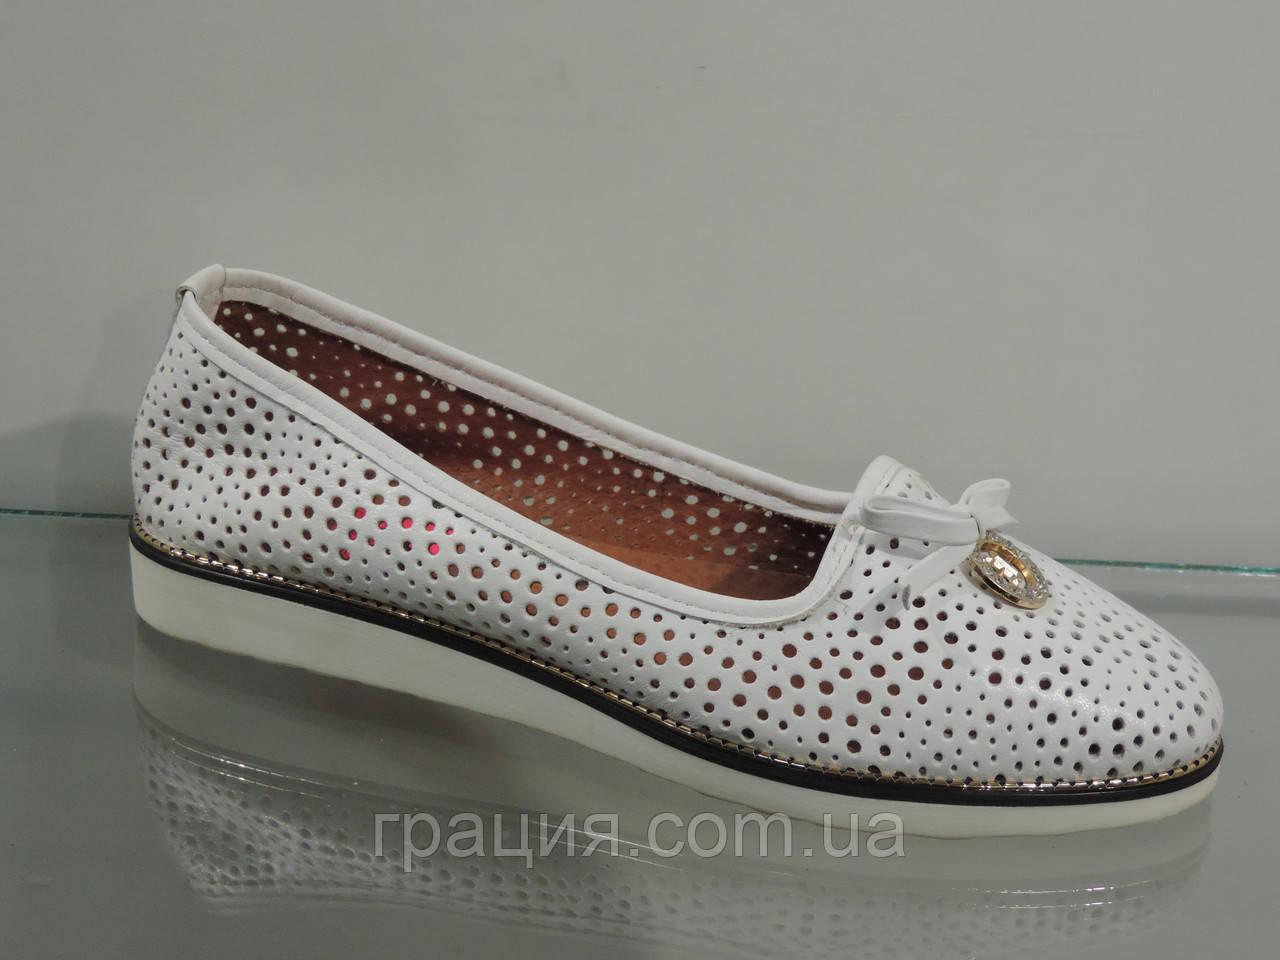 Туфли женские кожаные удобные с перфорацией